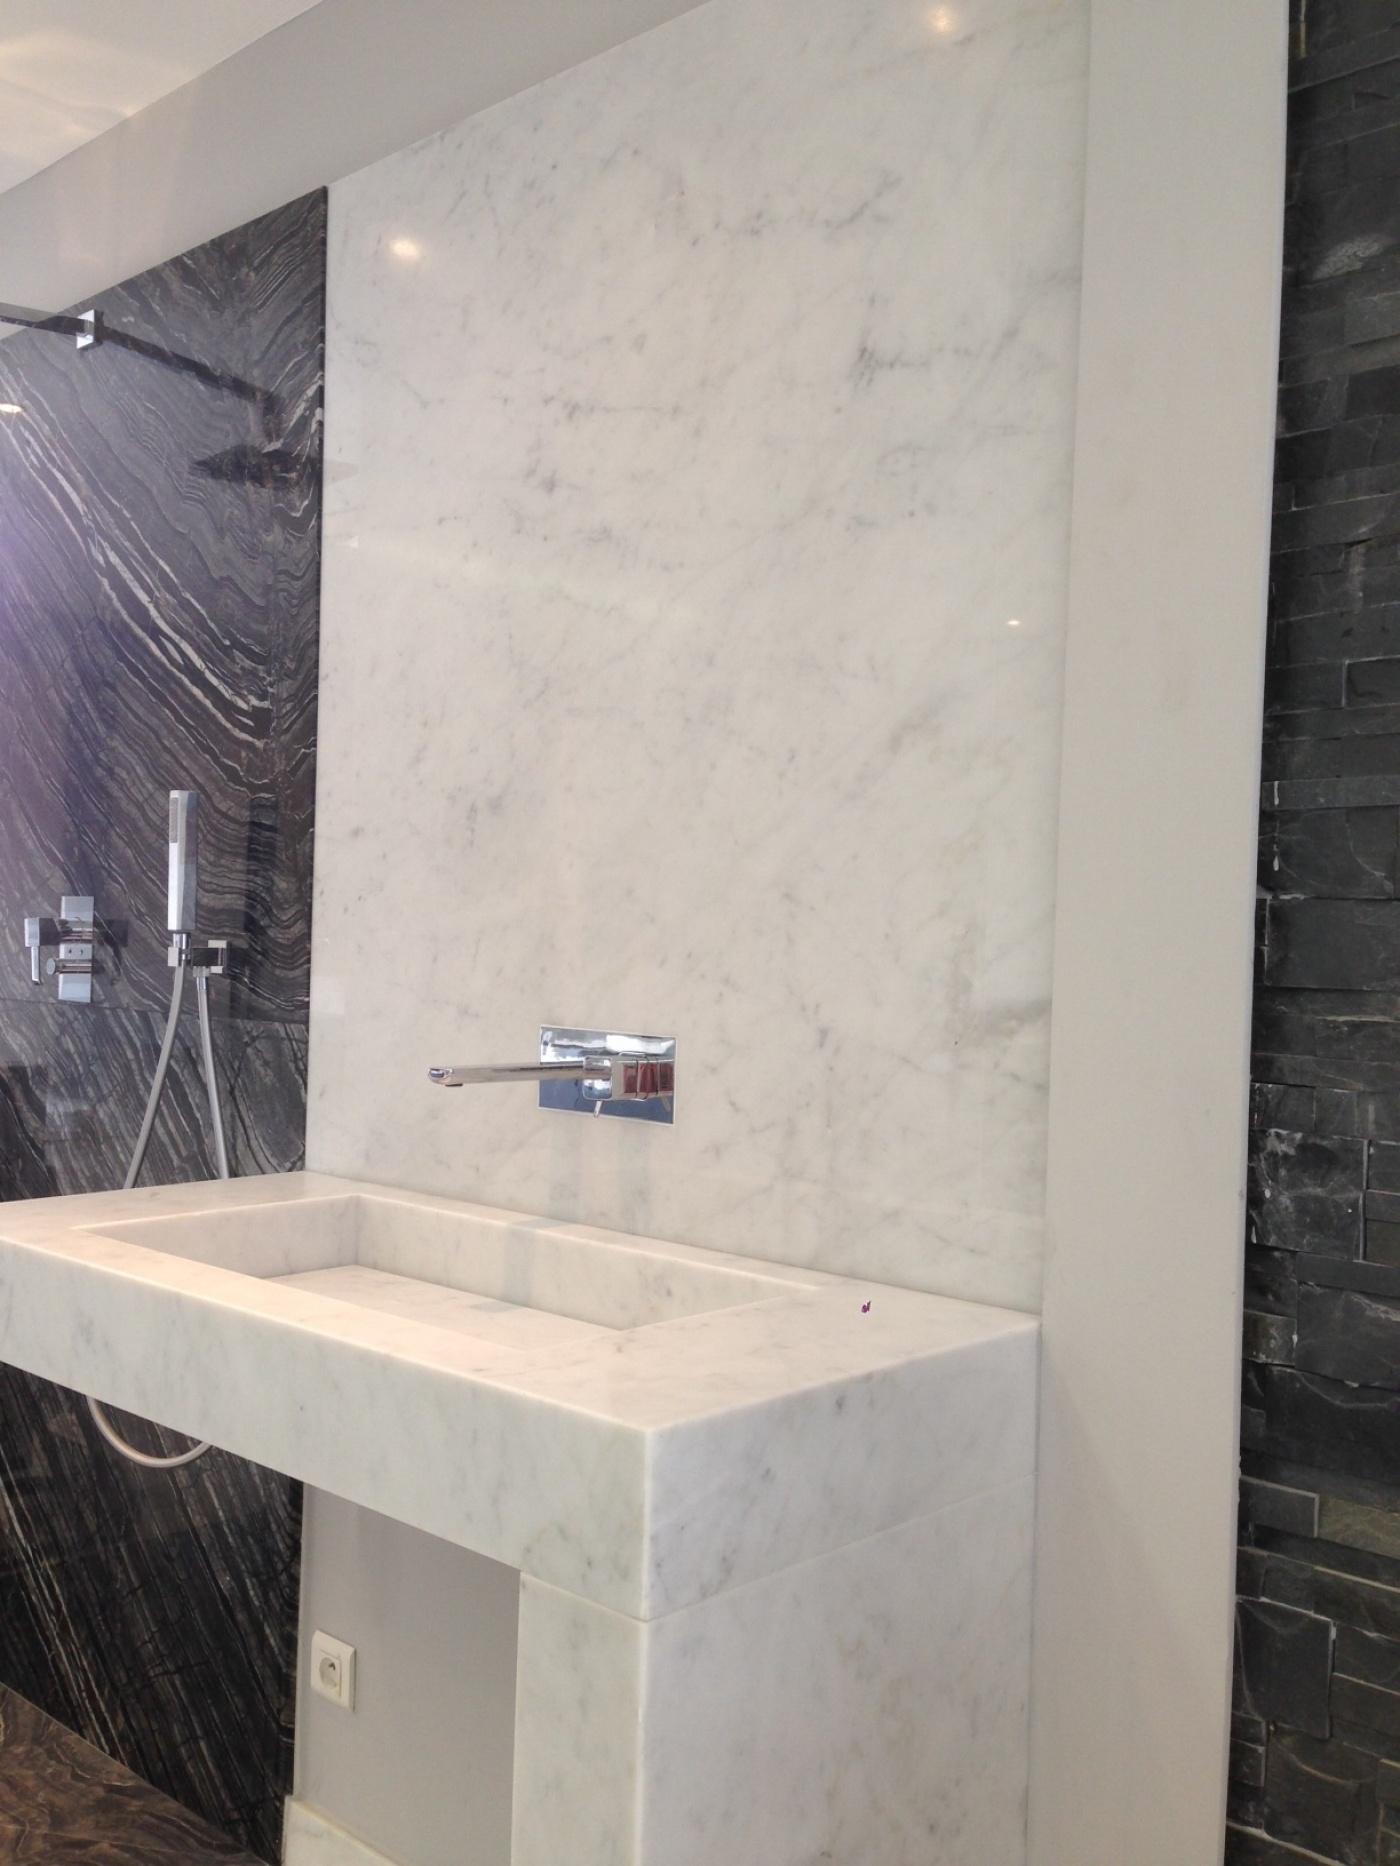 Salle De Bain Marbre De Carrare bianco carrara salle de bains en marbre blanc de carrare